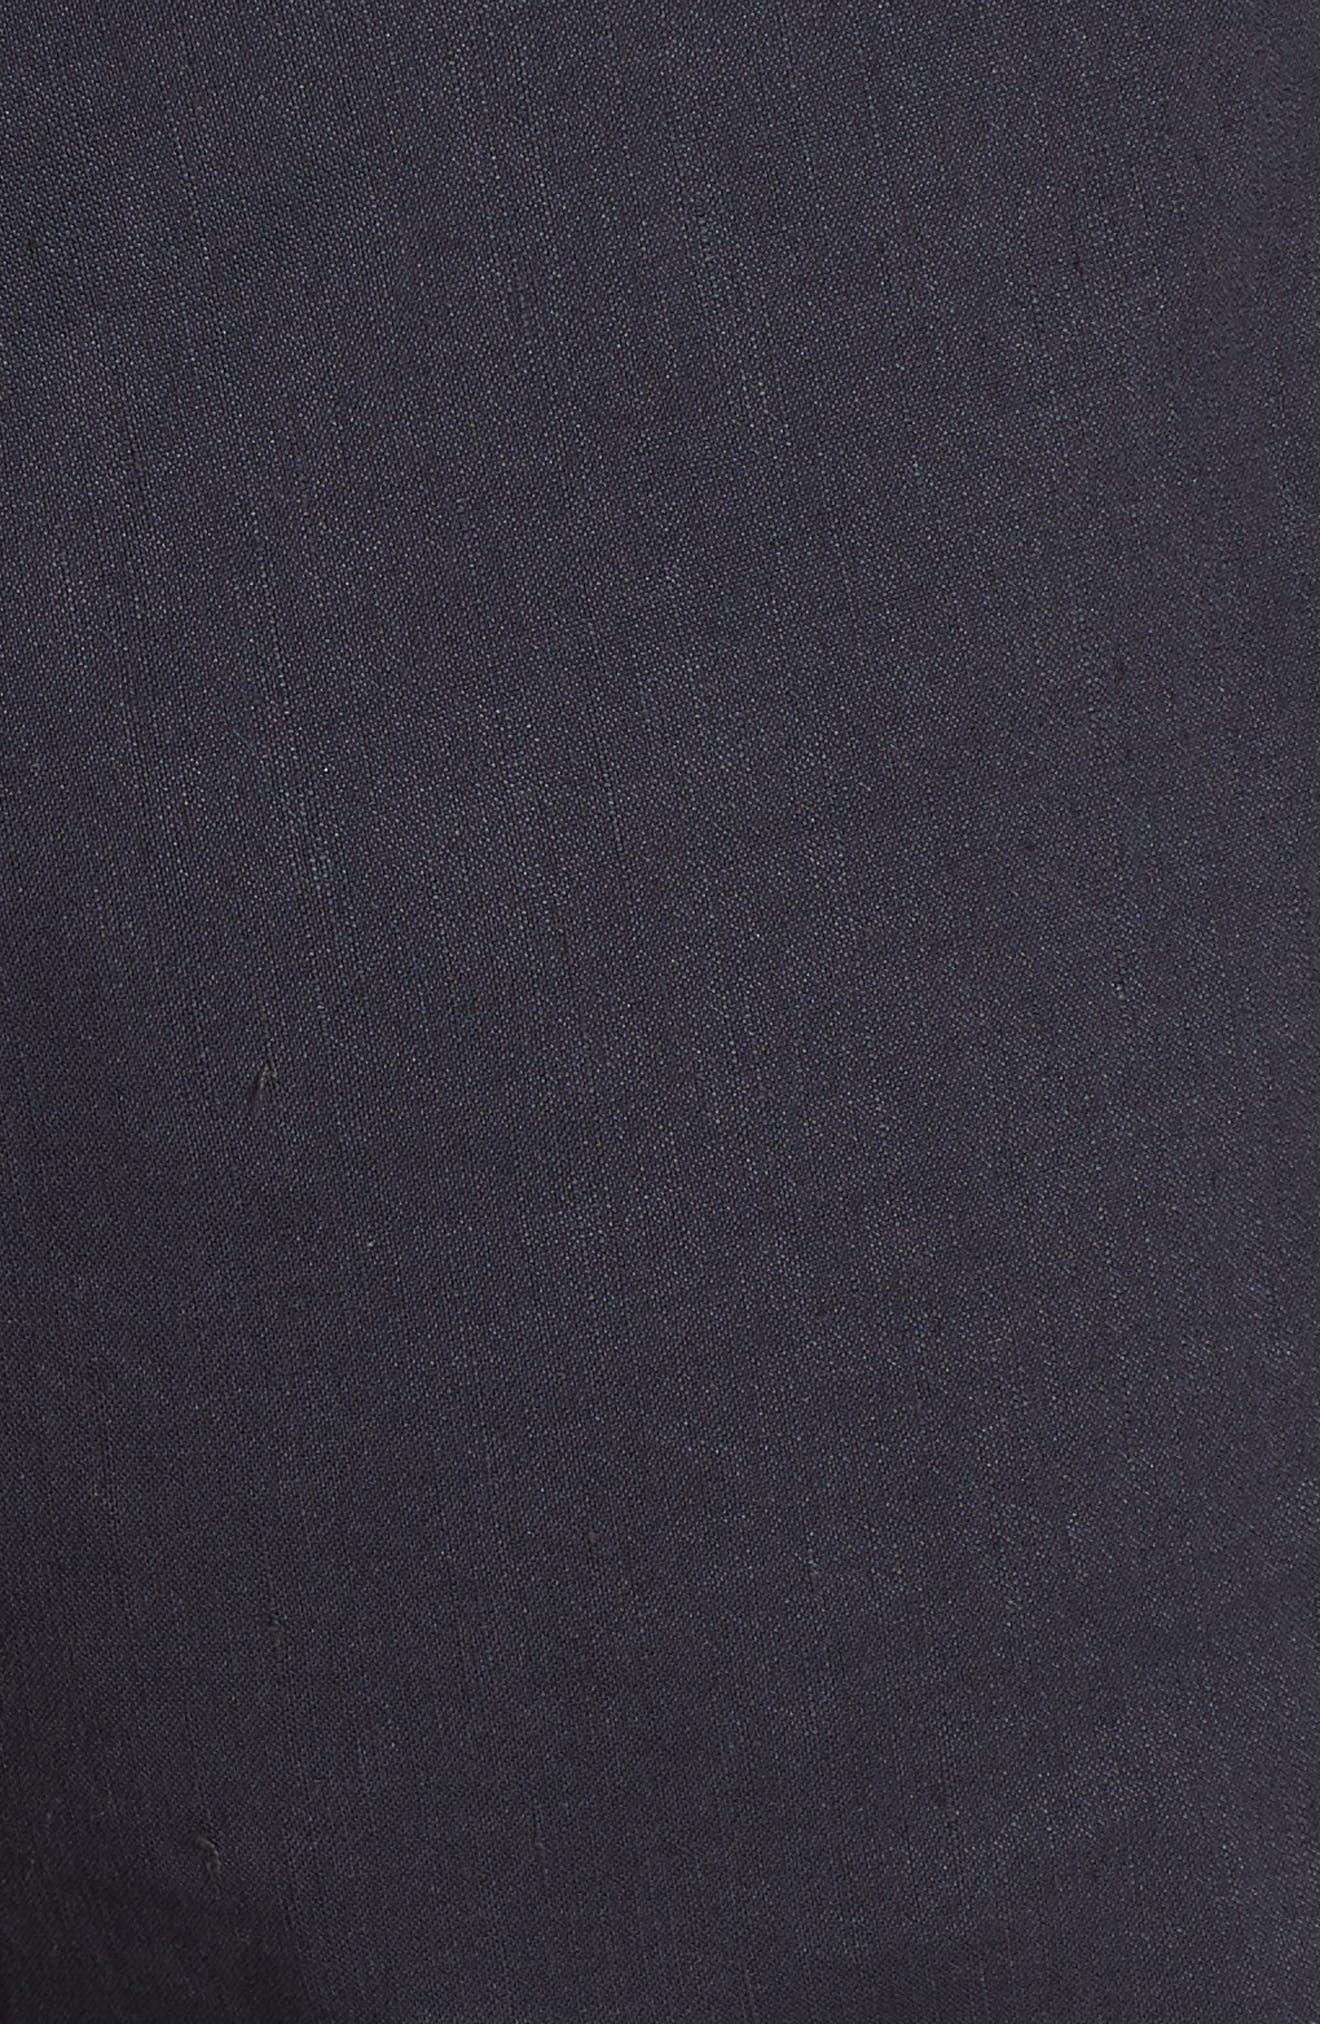 Pull-On Linen Blend Pants,                             Alternate thumbnail 15, color,